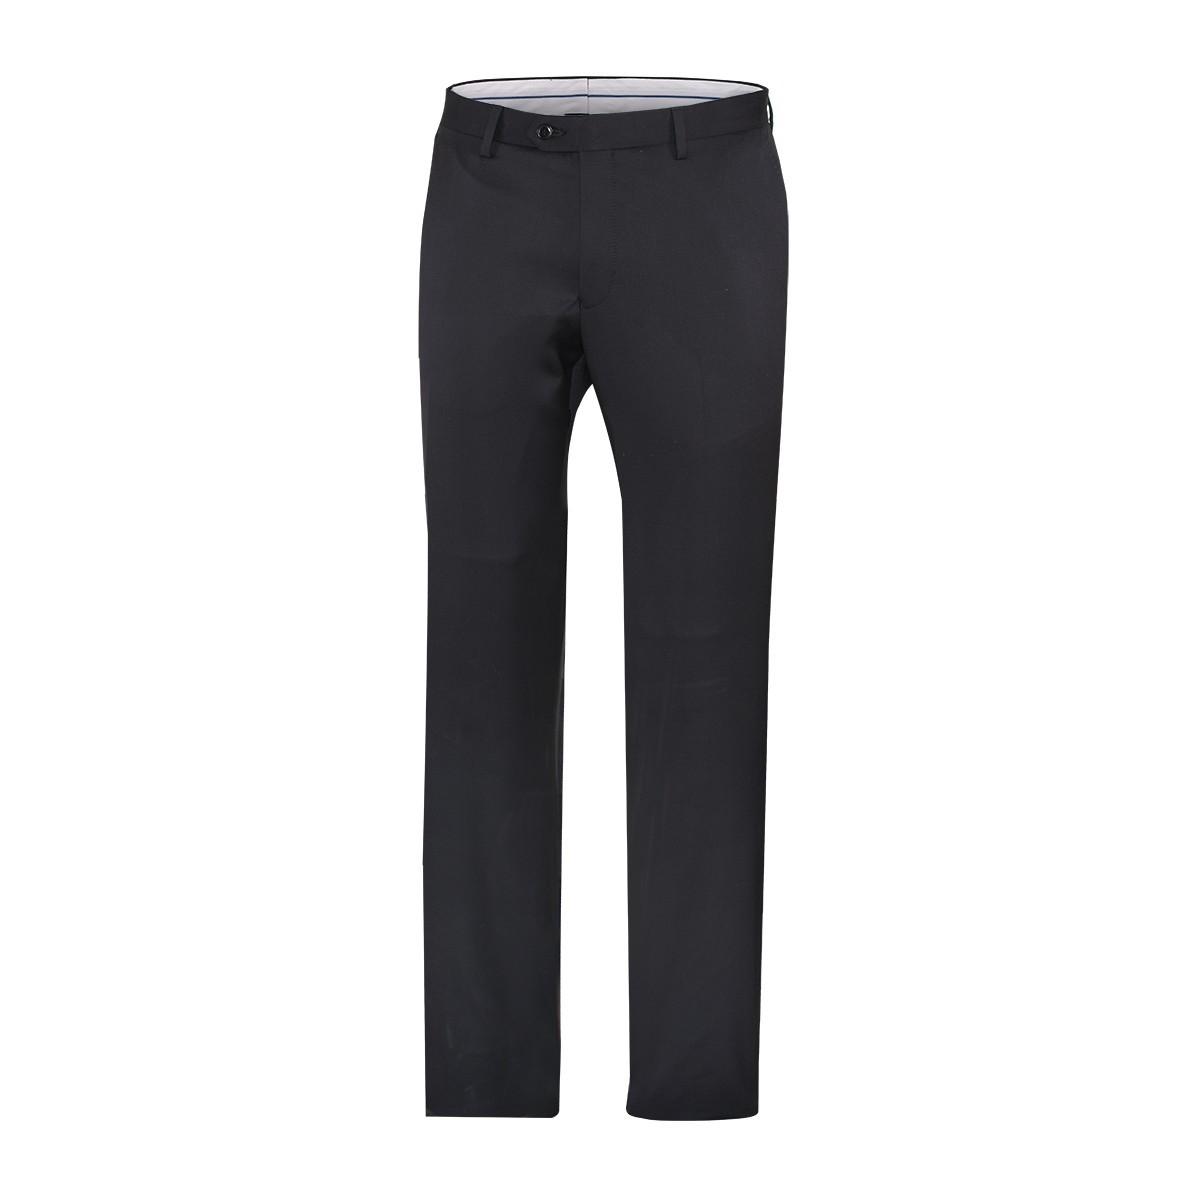 Pantalon noir pour Homme